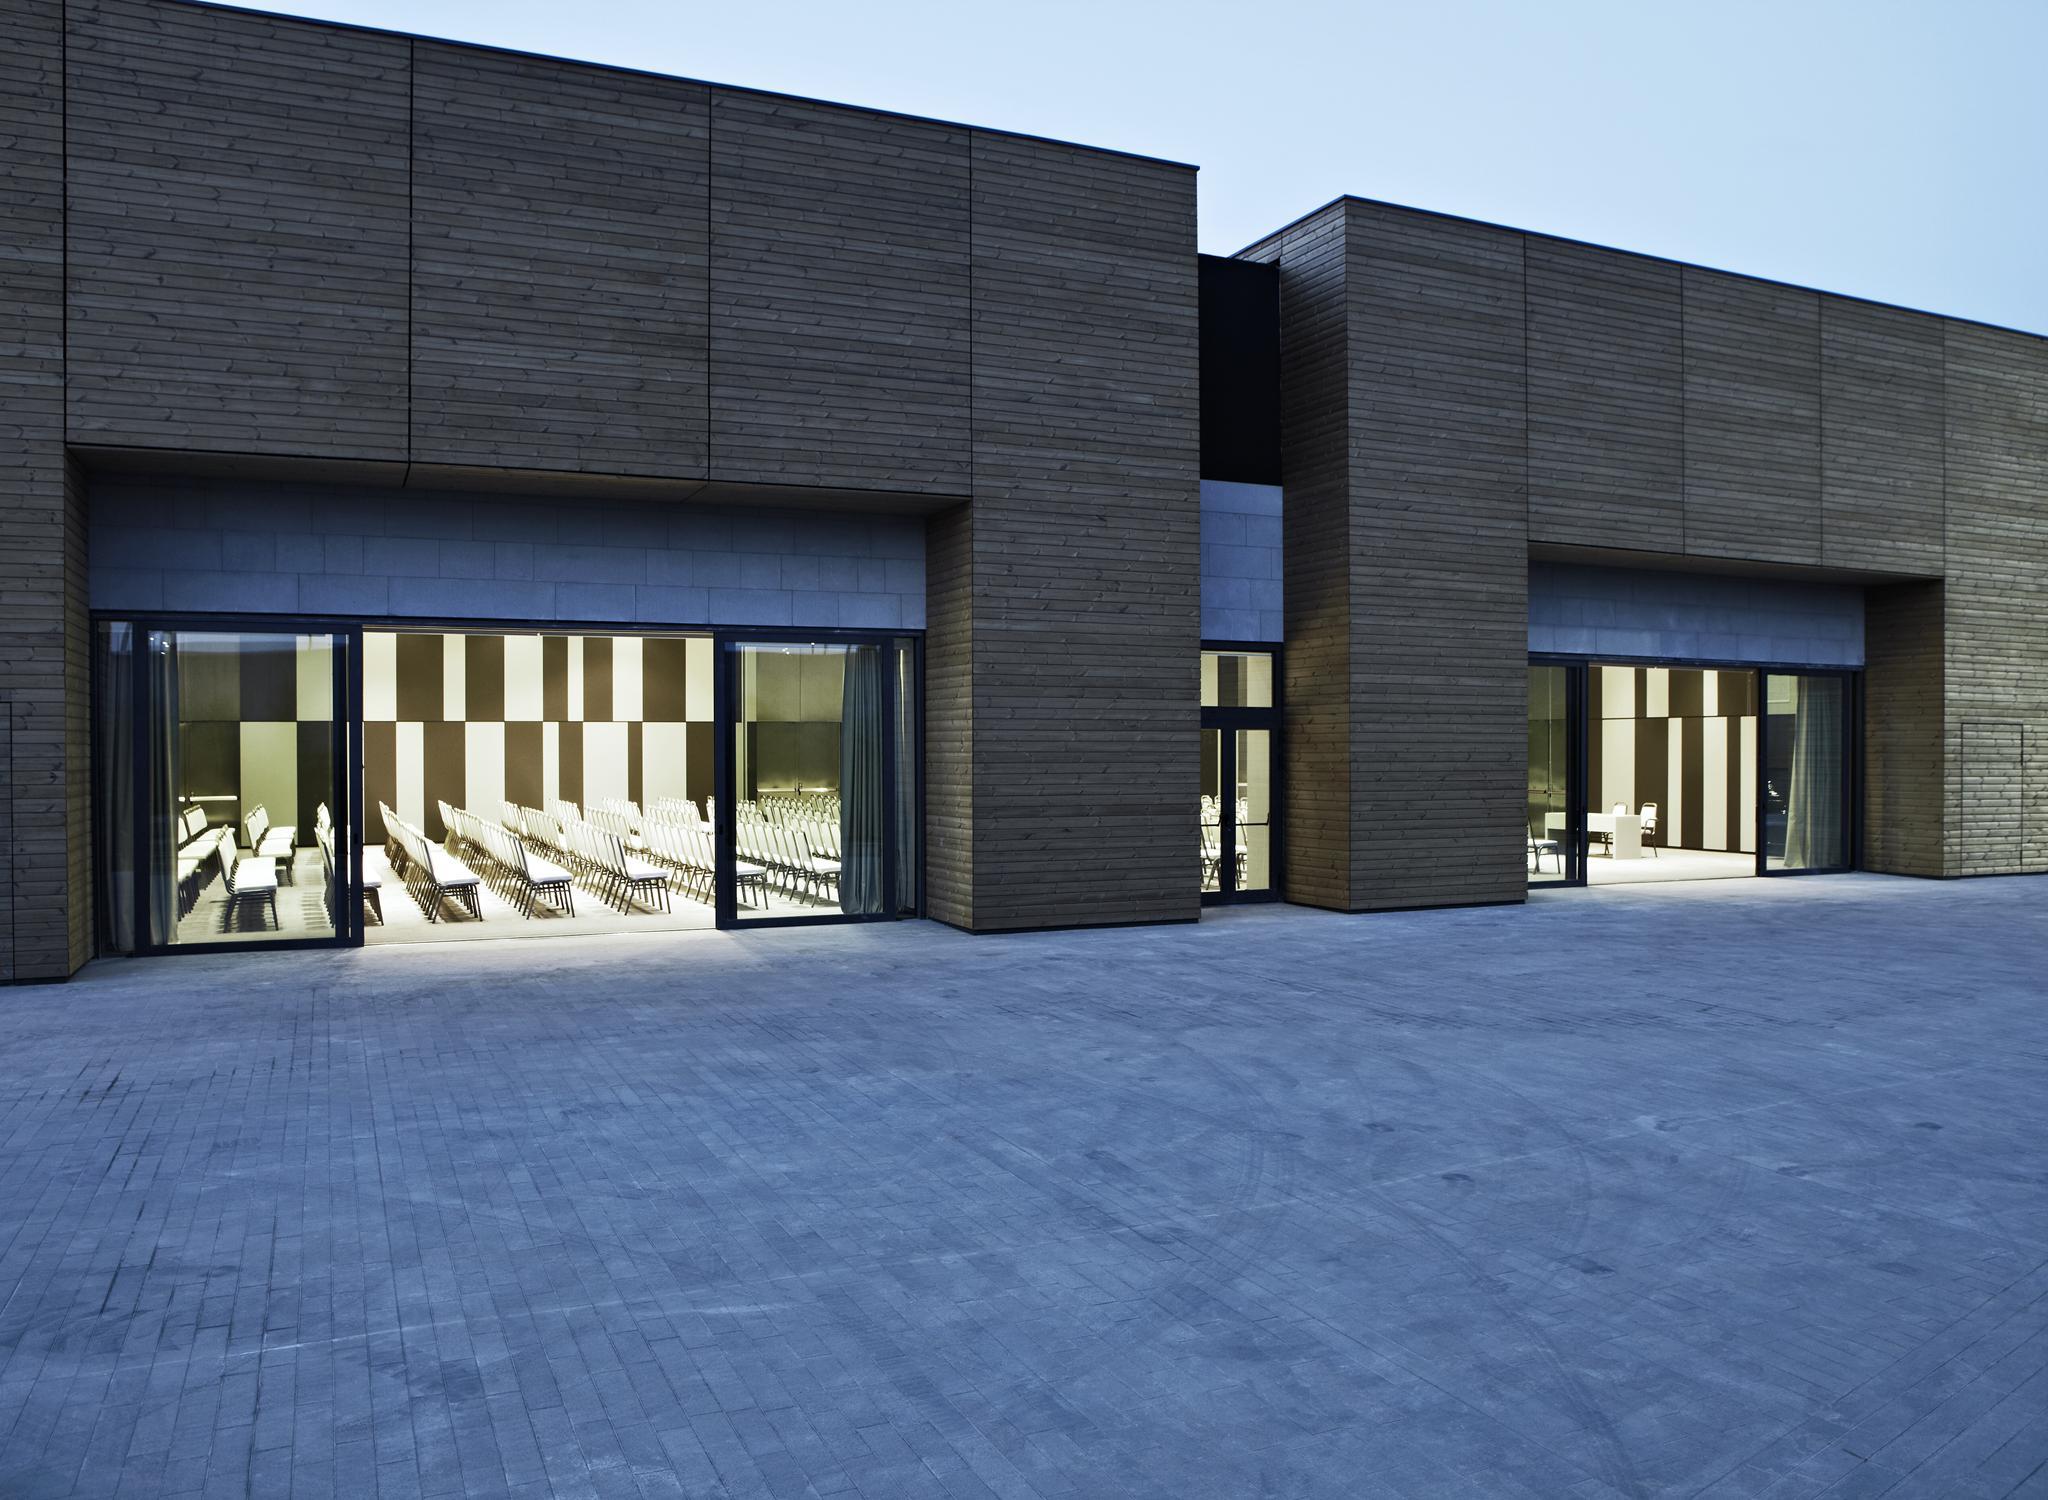 DoubleTree by Hilton Hotel Venice - North, Italia - Centro congressi